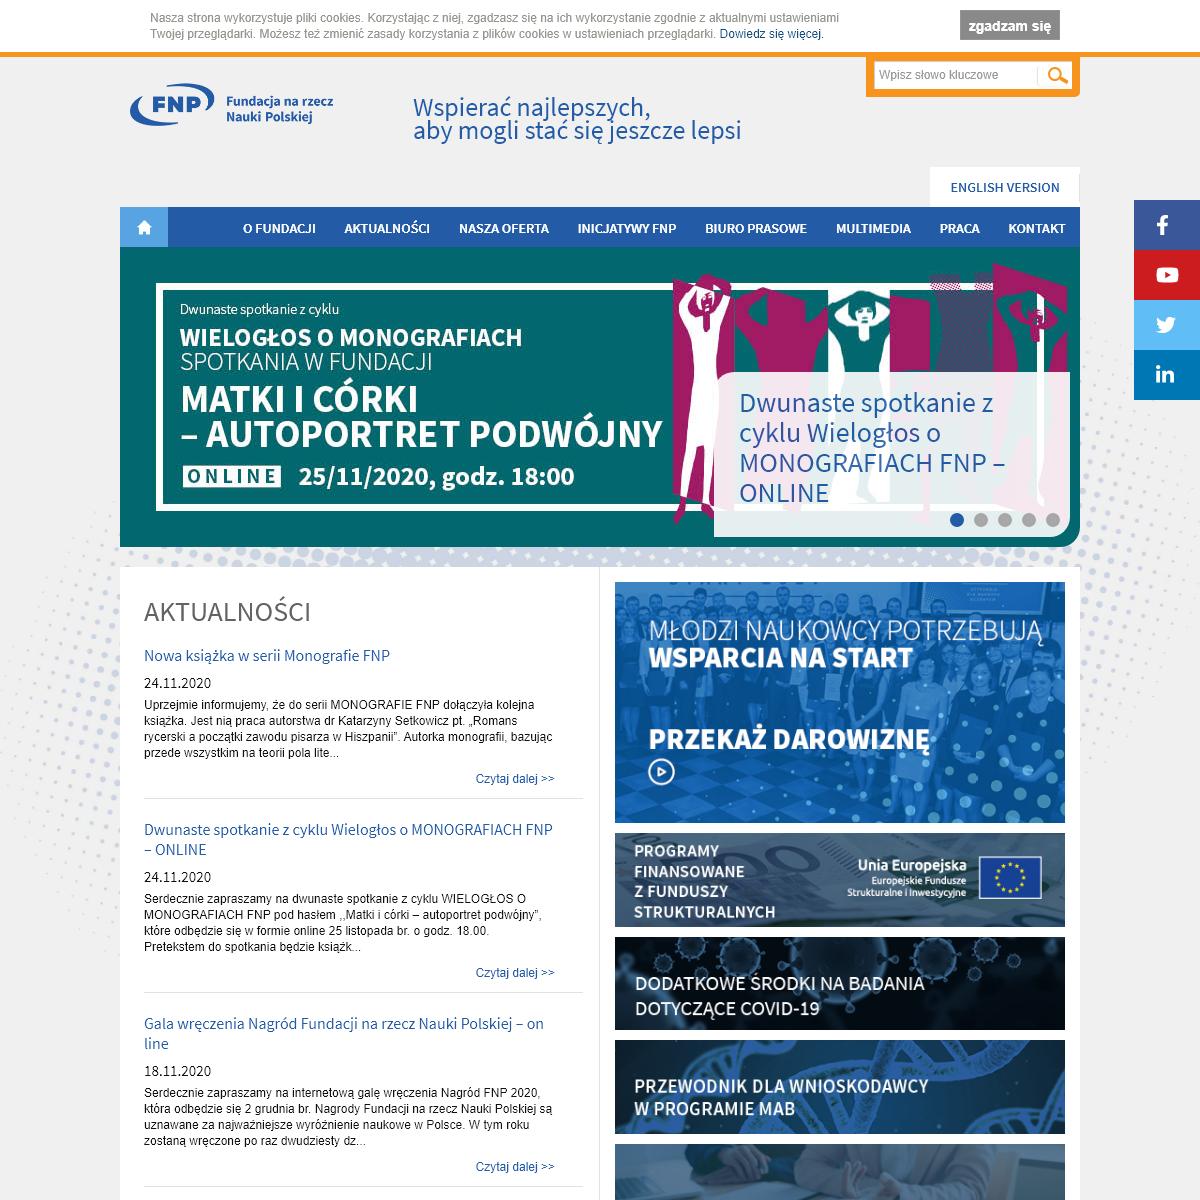 Fundacja na rzecz Nauki Polskiej - Wspierać najlepszych aby mogli stać się jeszcze lepsiFundacja na rzecz Nauki Polskiej